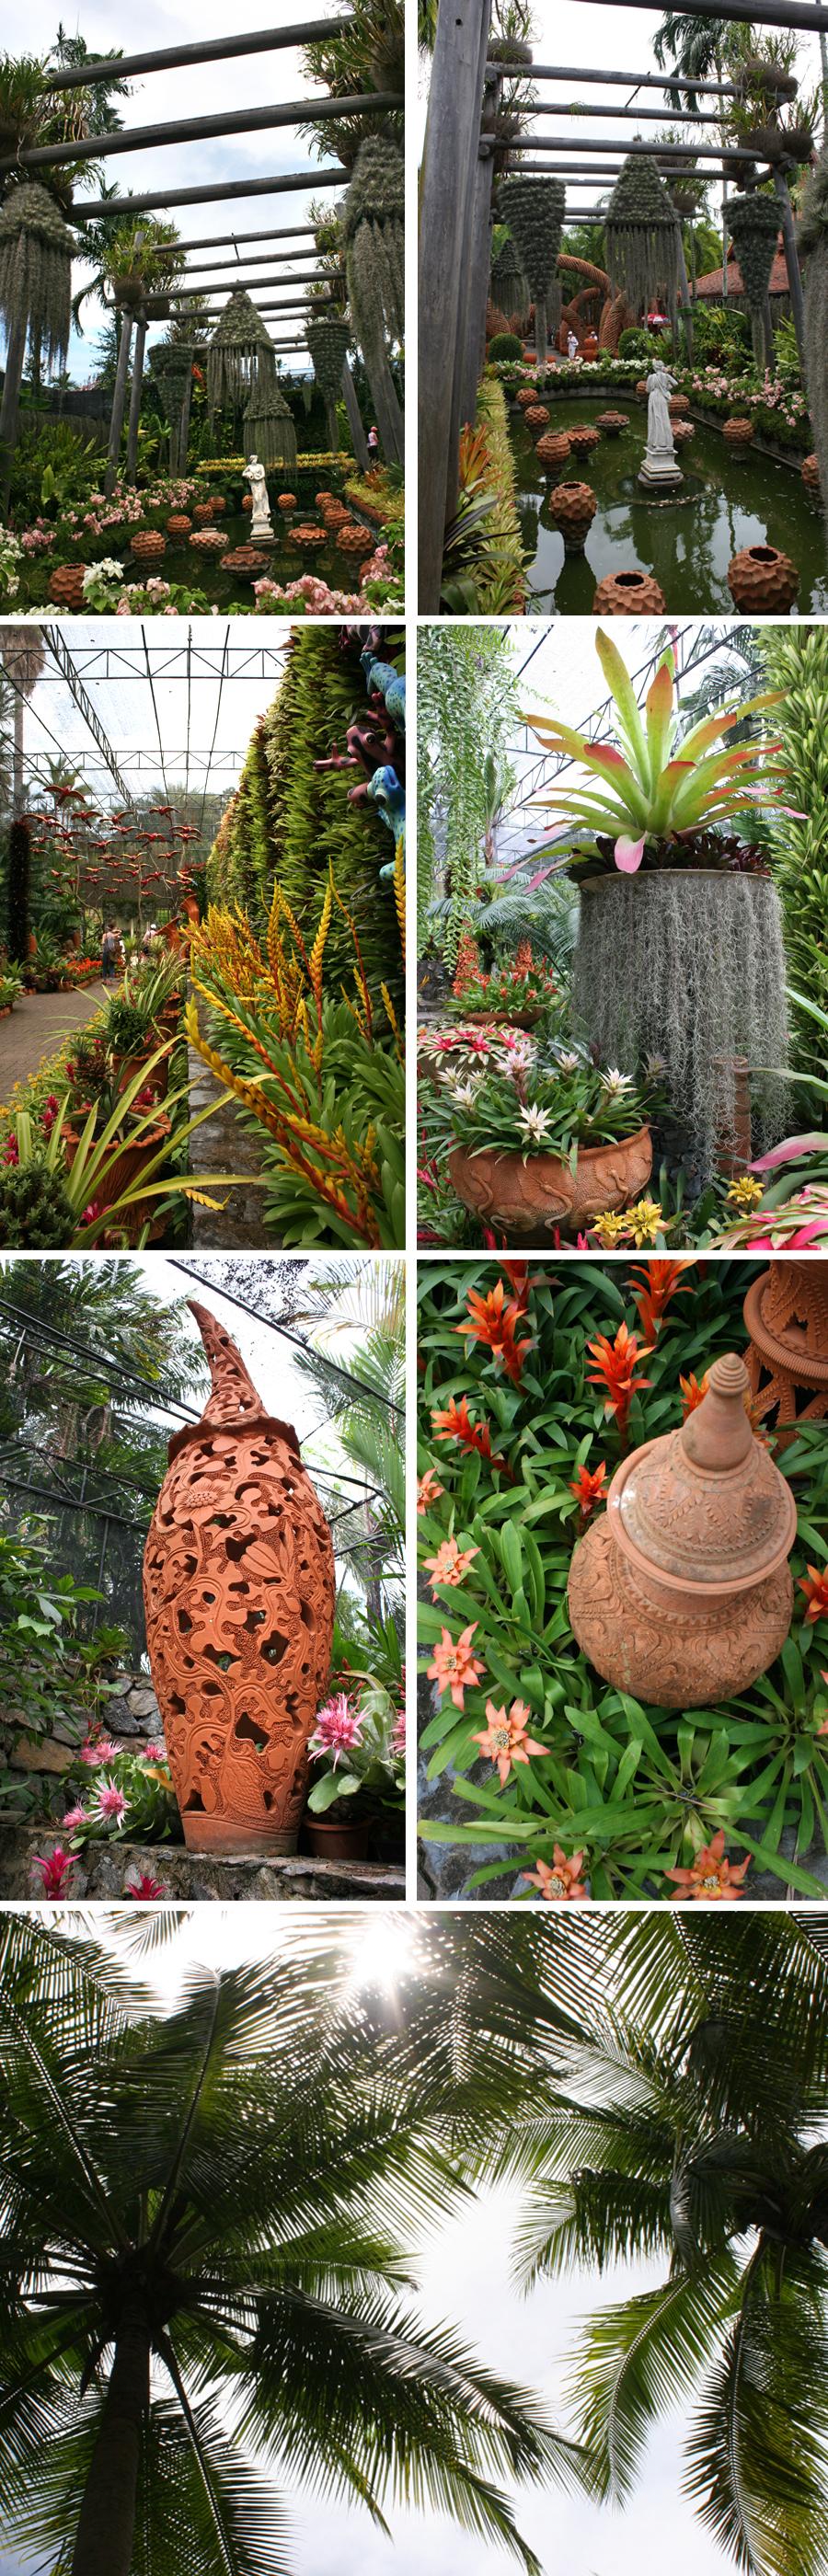 Nong Nooch Flowers Gardens 2